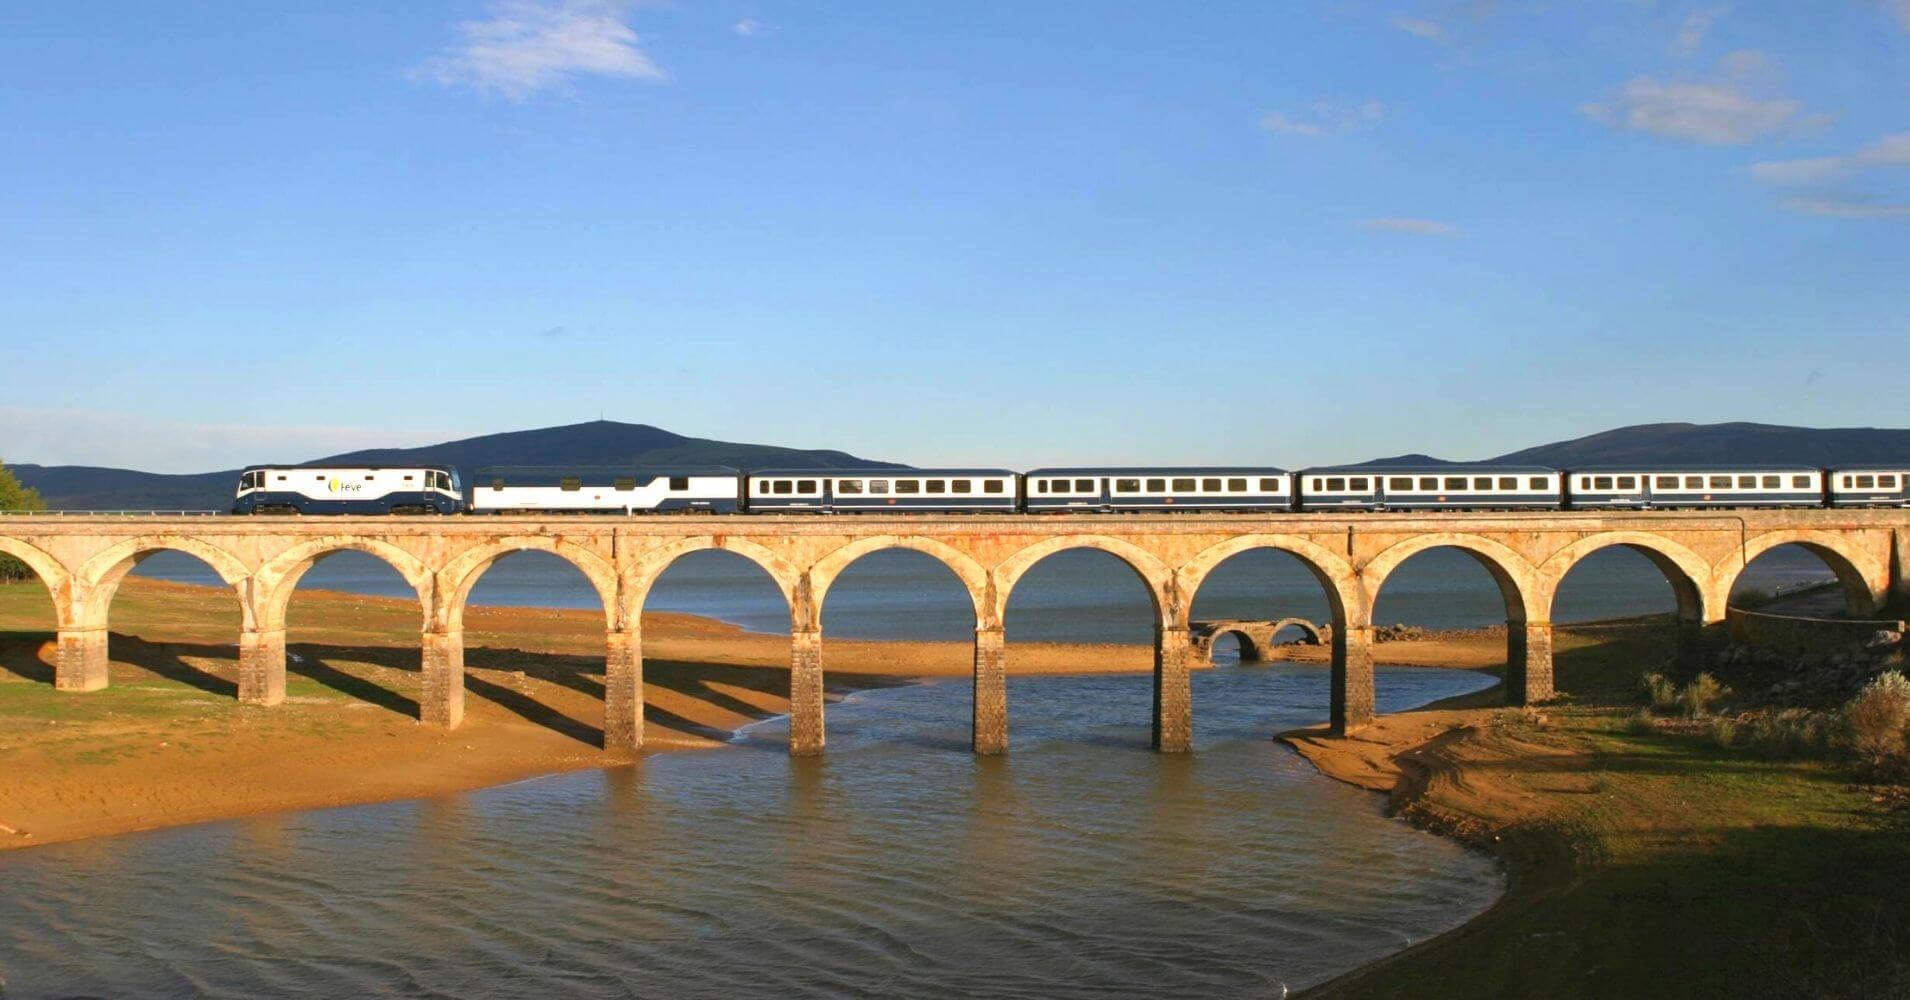 Tren Turístico del Norte de España. El Transcantabrico.